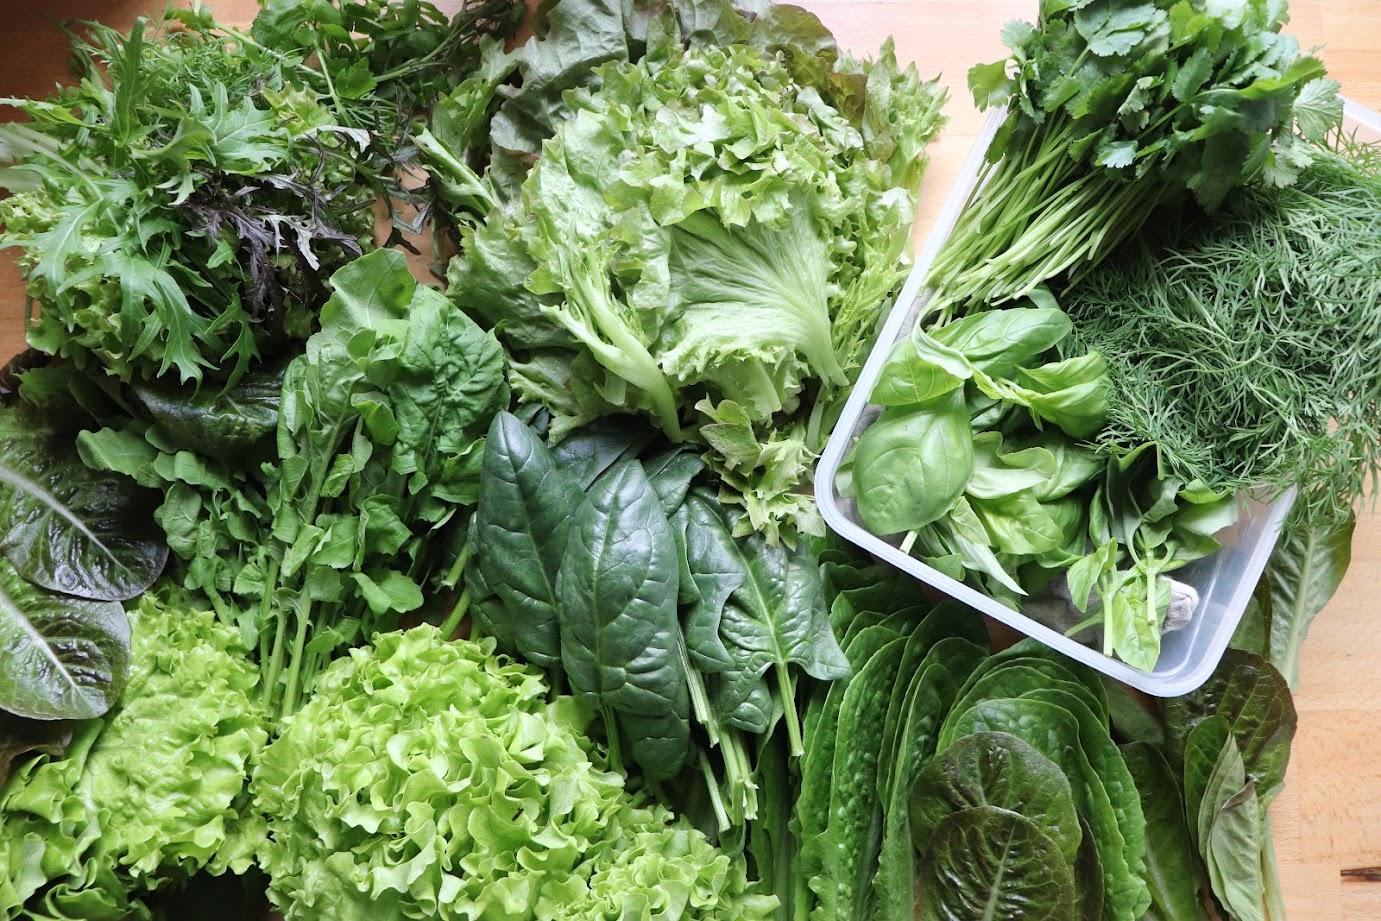 органические овощи купить киев